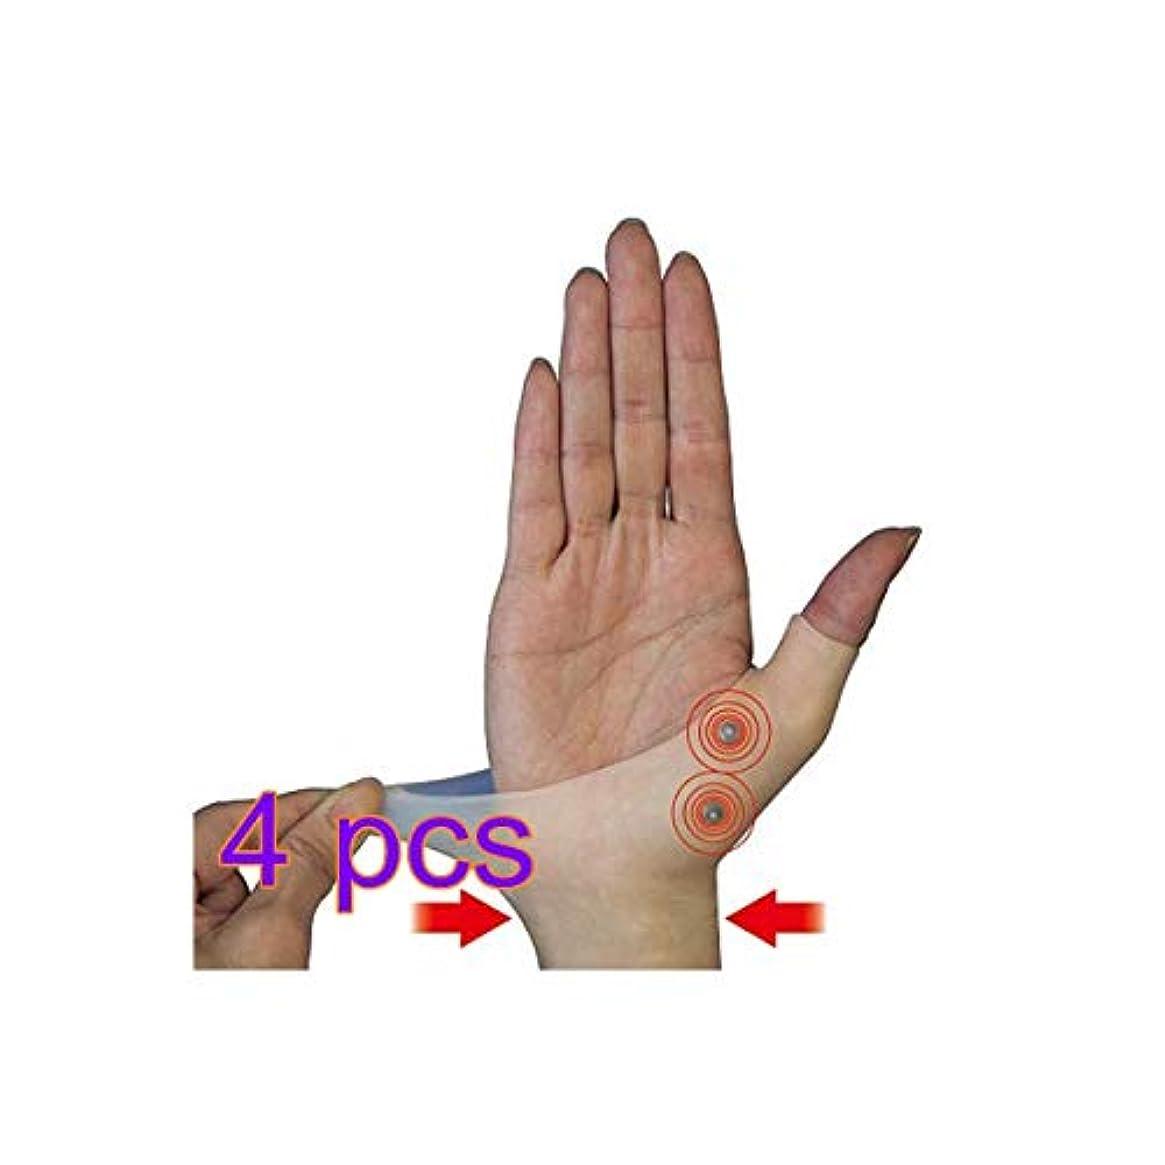 盆肖像画約設定SUGE 手首サポーター 磁気手袋 親指サポーター 磁気療法手袋 圧縮手袋 血行促進 疲れ軽減 衝撃緩和 サポーター レディース テーピング シリコン フリーサイズ 左右両用 男女兼用 2枚/4枚セット